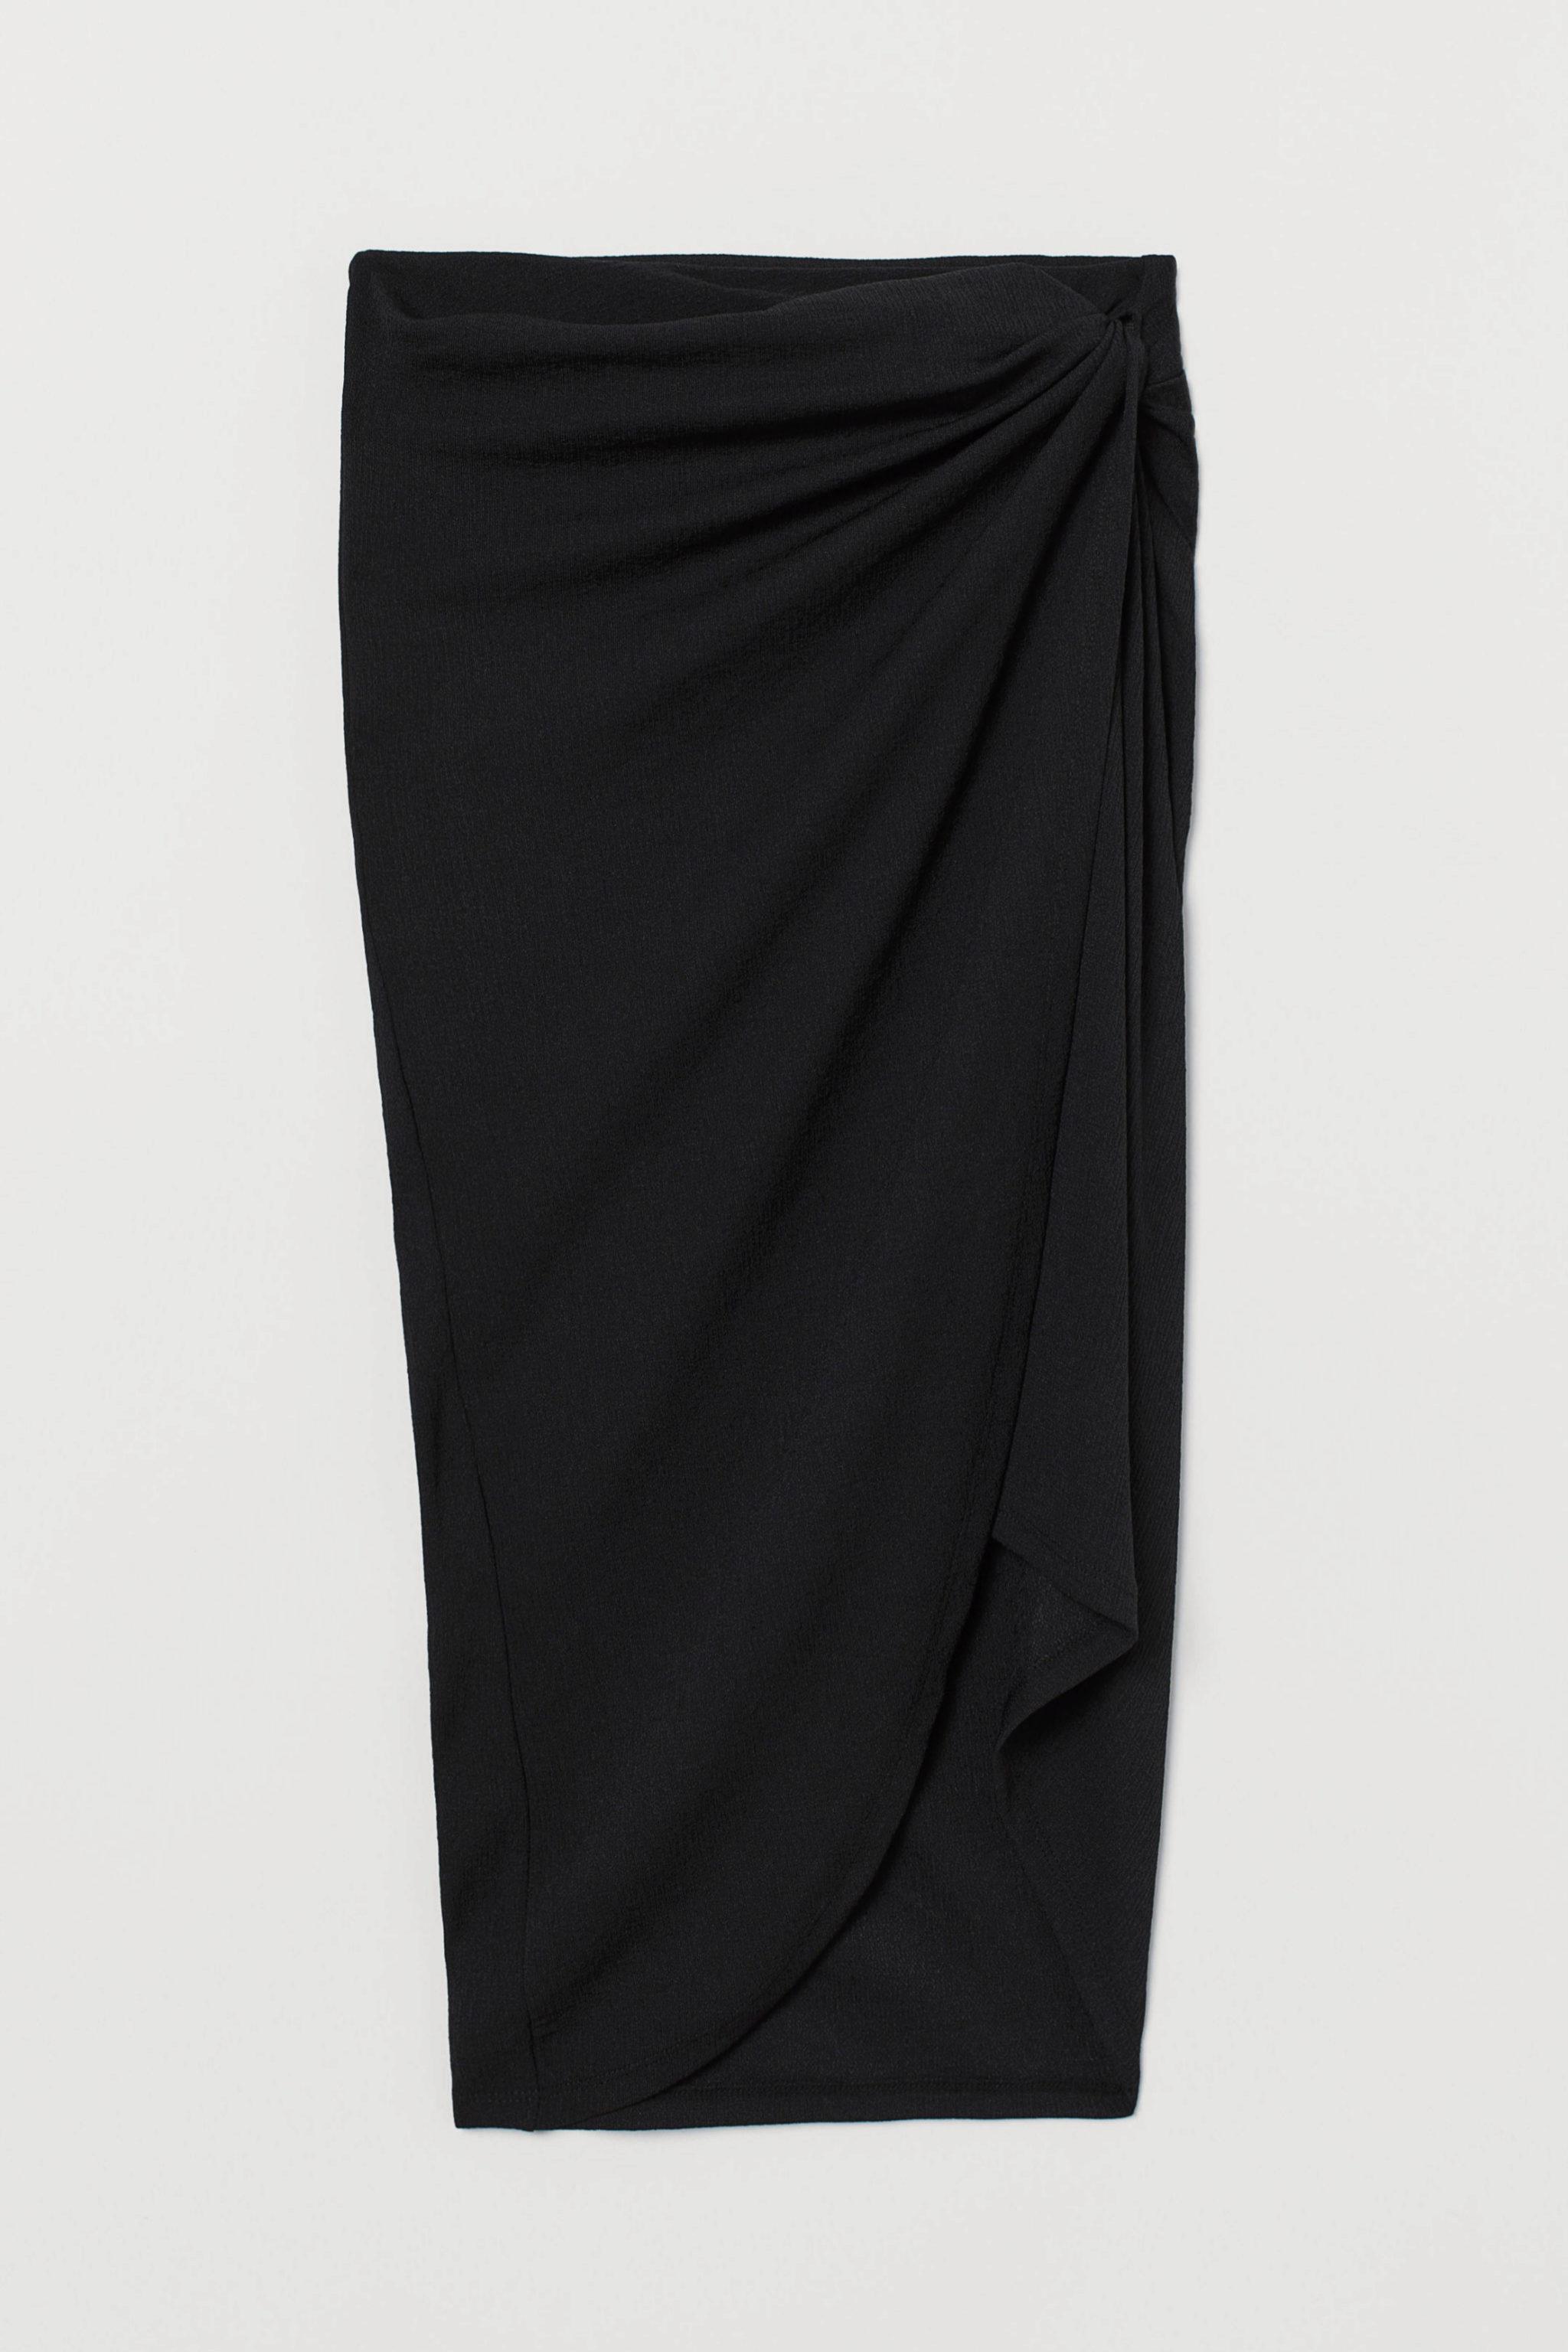 Falda tipo pareo de H&M